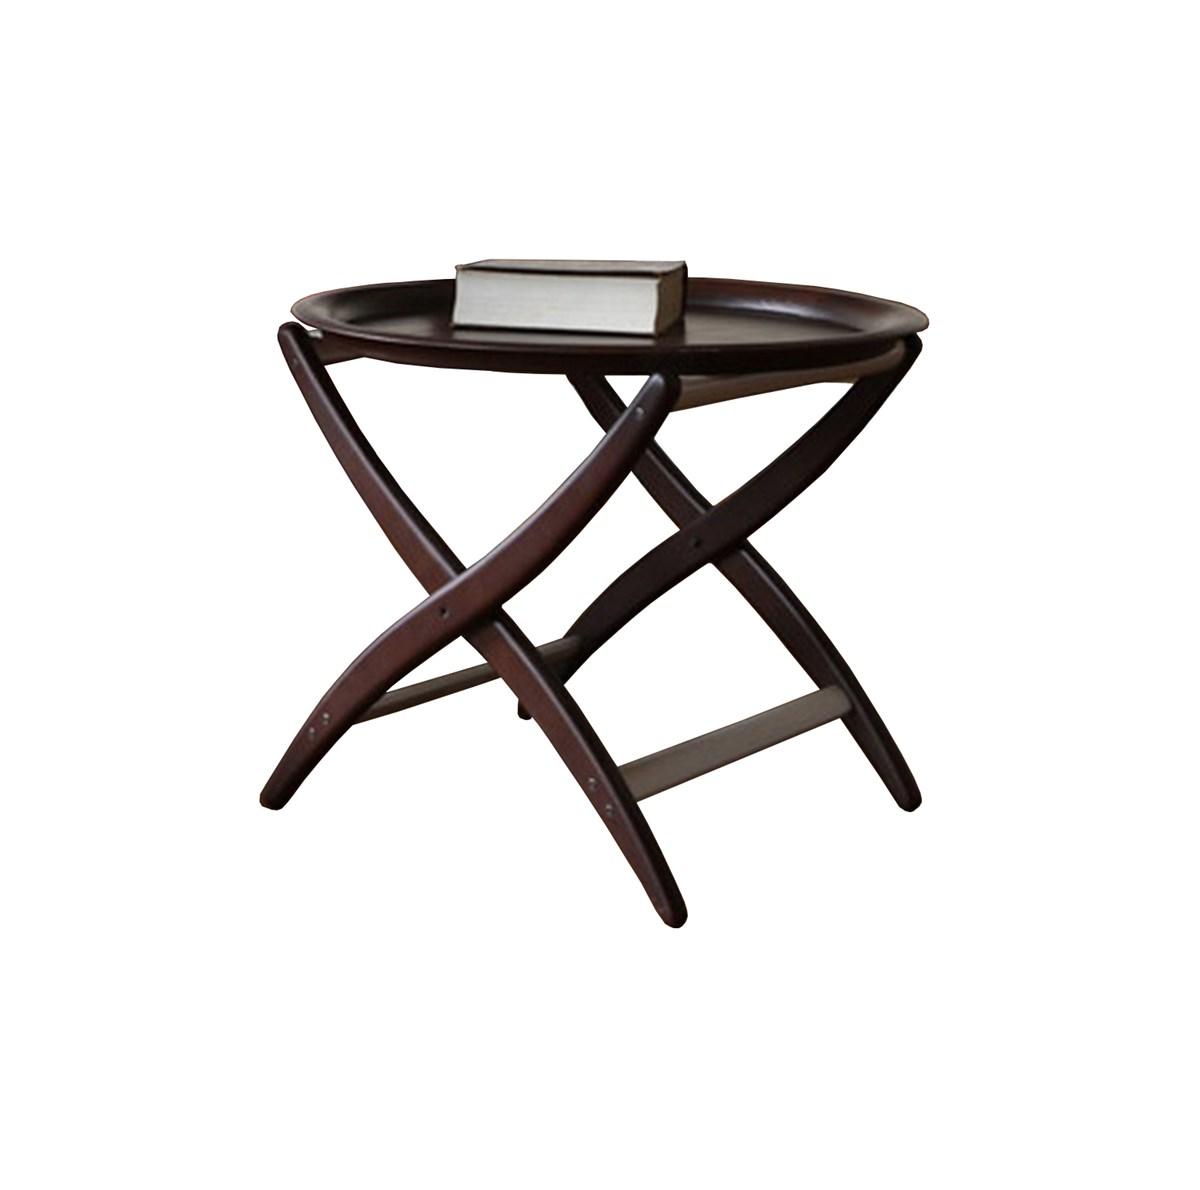 Stua-Jon-Gasca-Summa-Table-Matisse-1